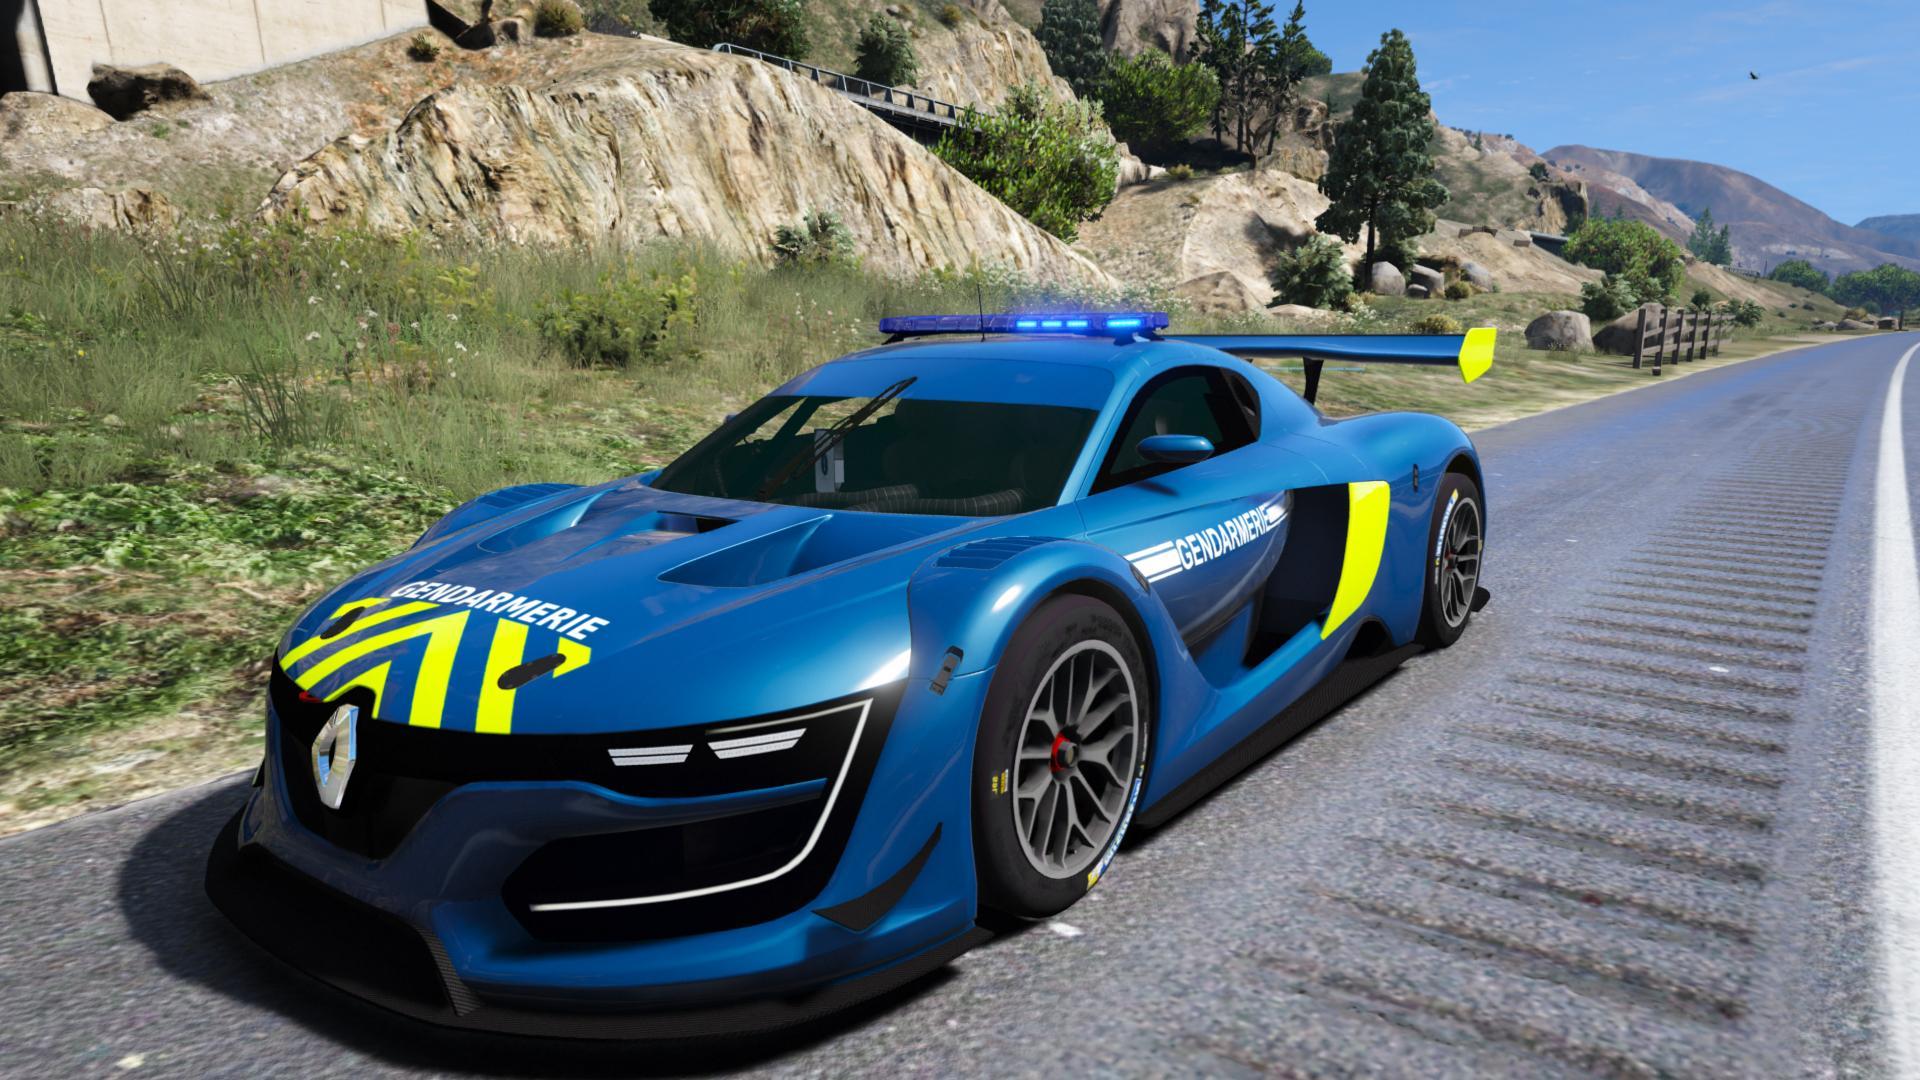 Renault Rs 0 1 Gendarmerie